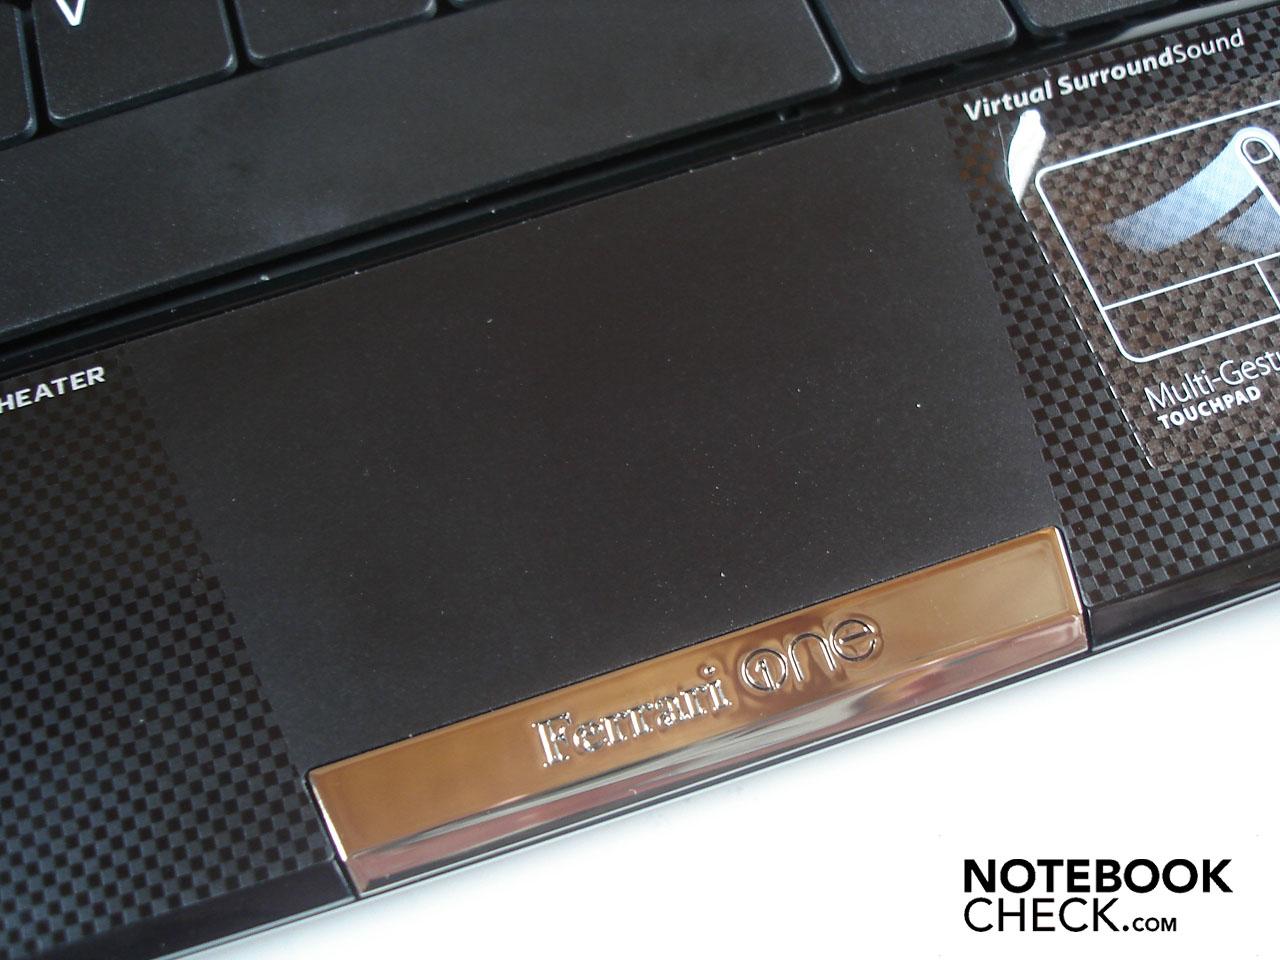 Acer TravelMate 8371 Notebook Realtek Card Reader Windows 8 Driver Download